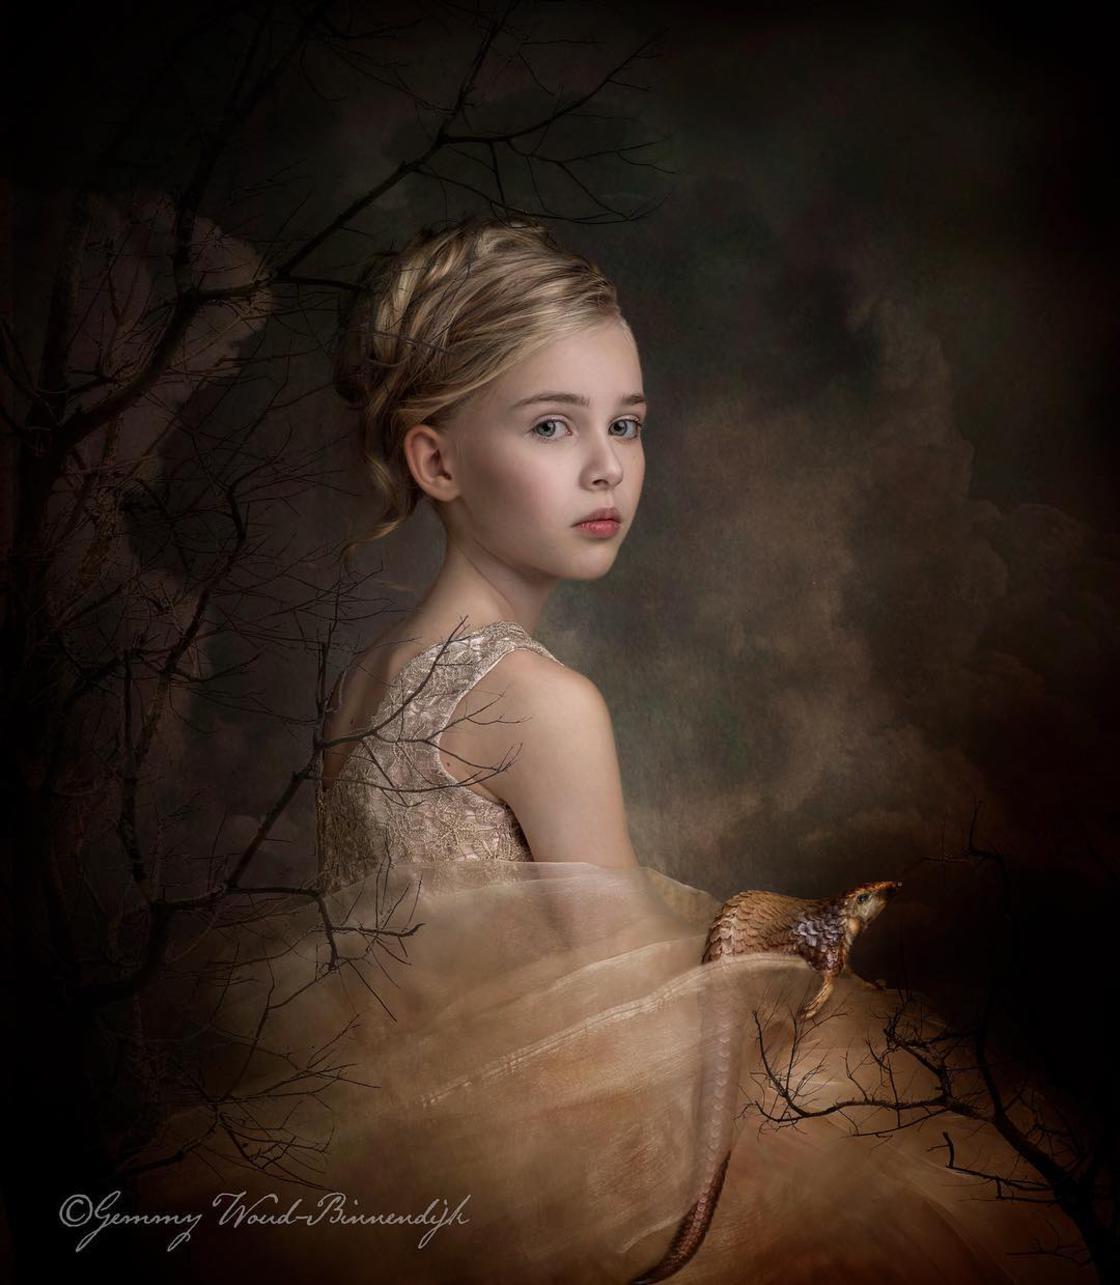 gemmy-woud-binnendijk-kid-portraits-16.jpg